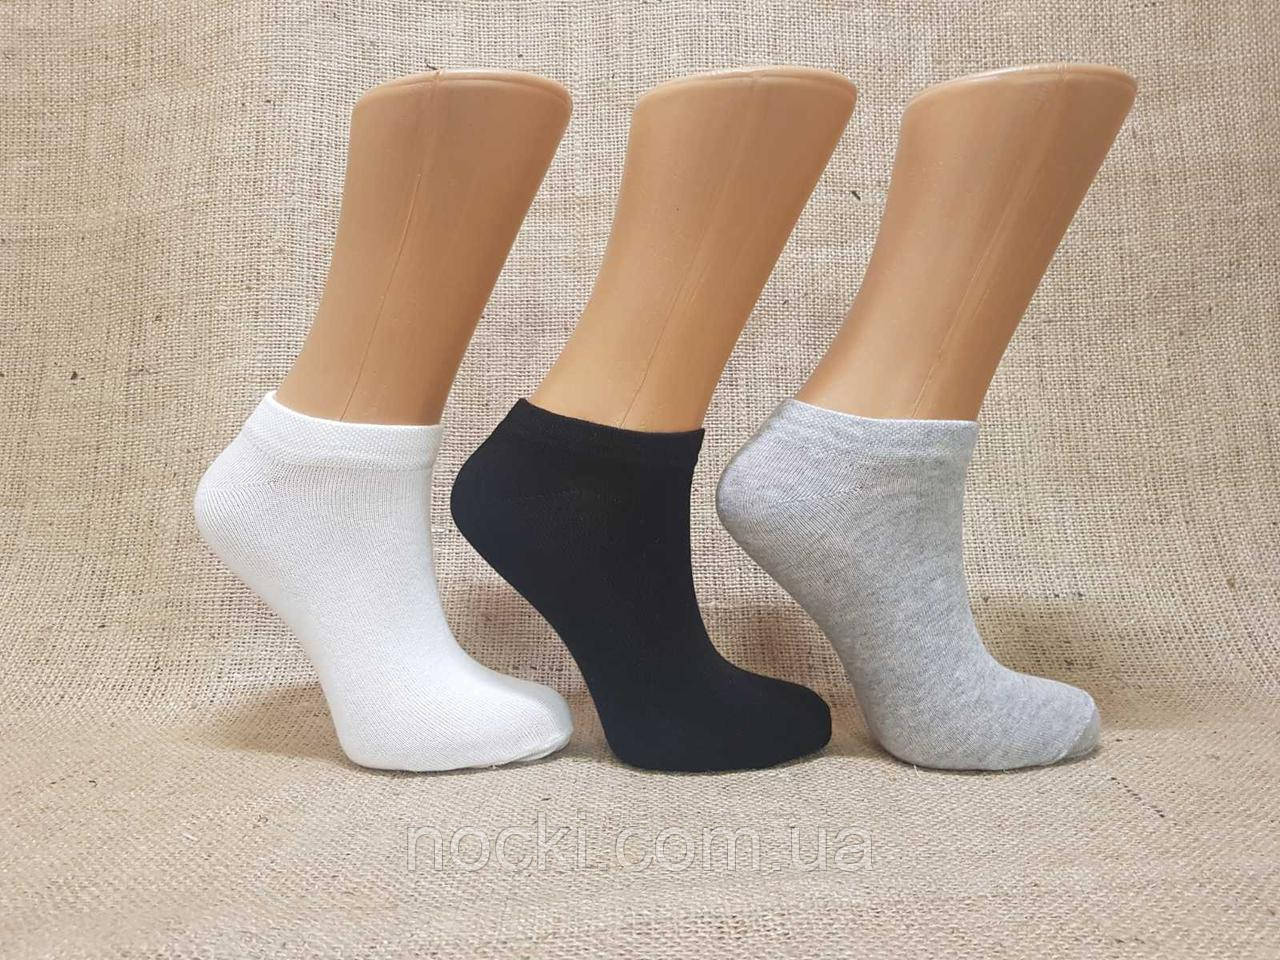 Женские носки короткие с хлопка SL КЛ 36-40 ассорти белый,меланж серый,черный